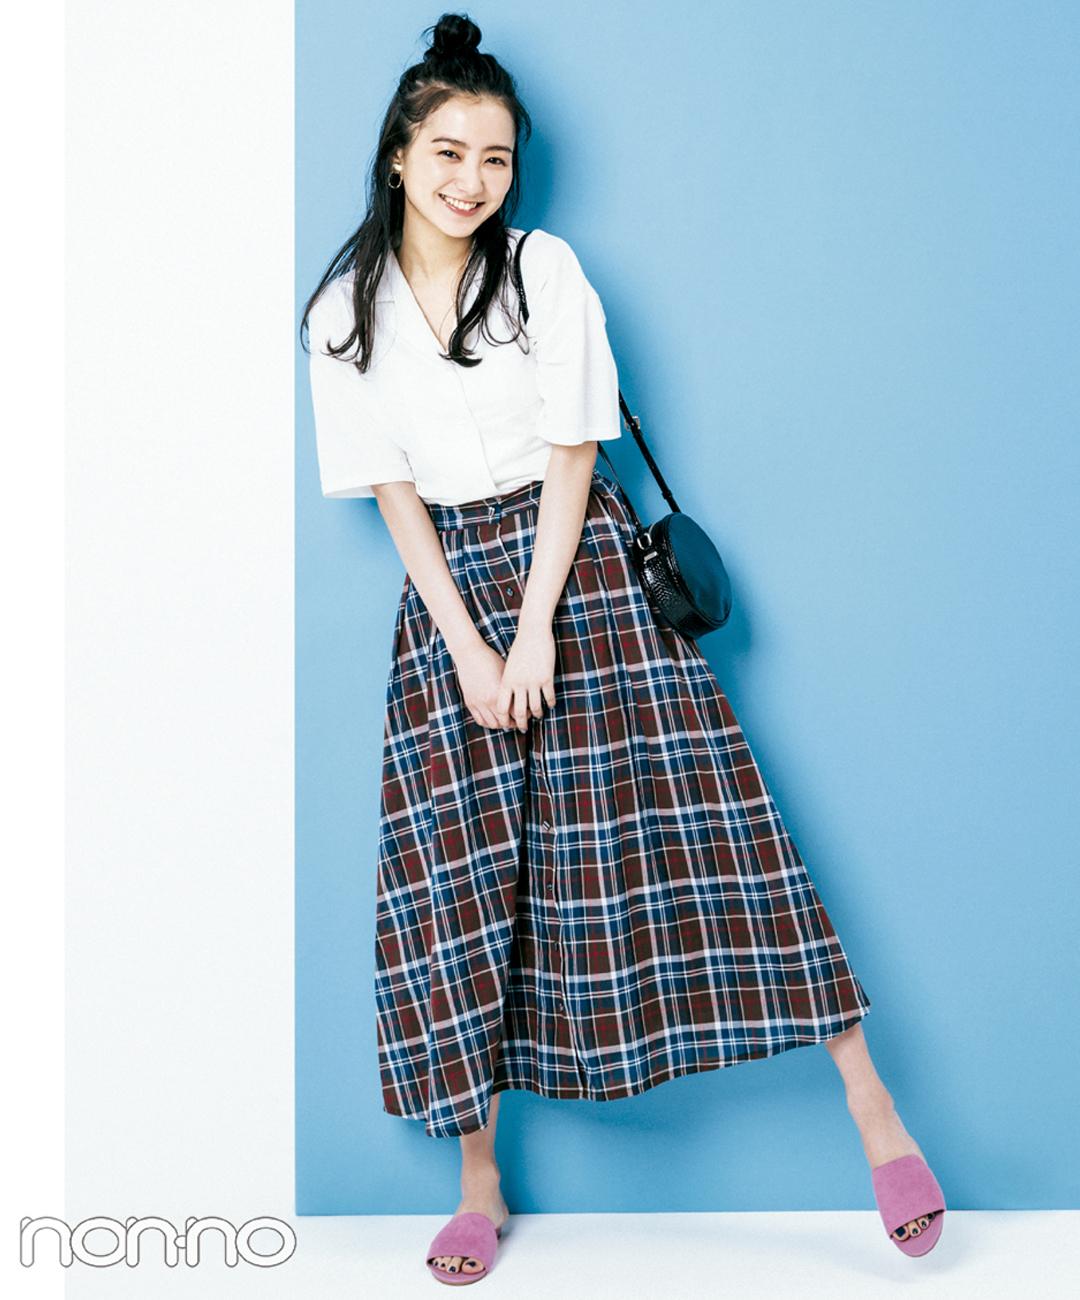 【夏のロングスカートコーデ】高田里穂は、マドラスチェックのスカートで飾らないオシャレを満喫